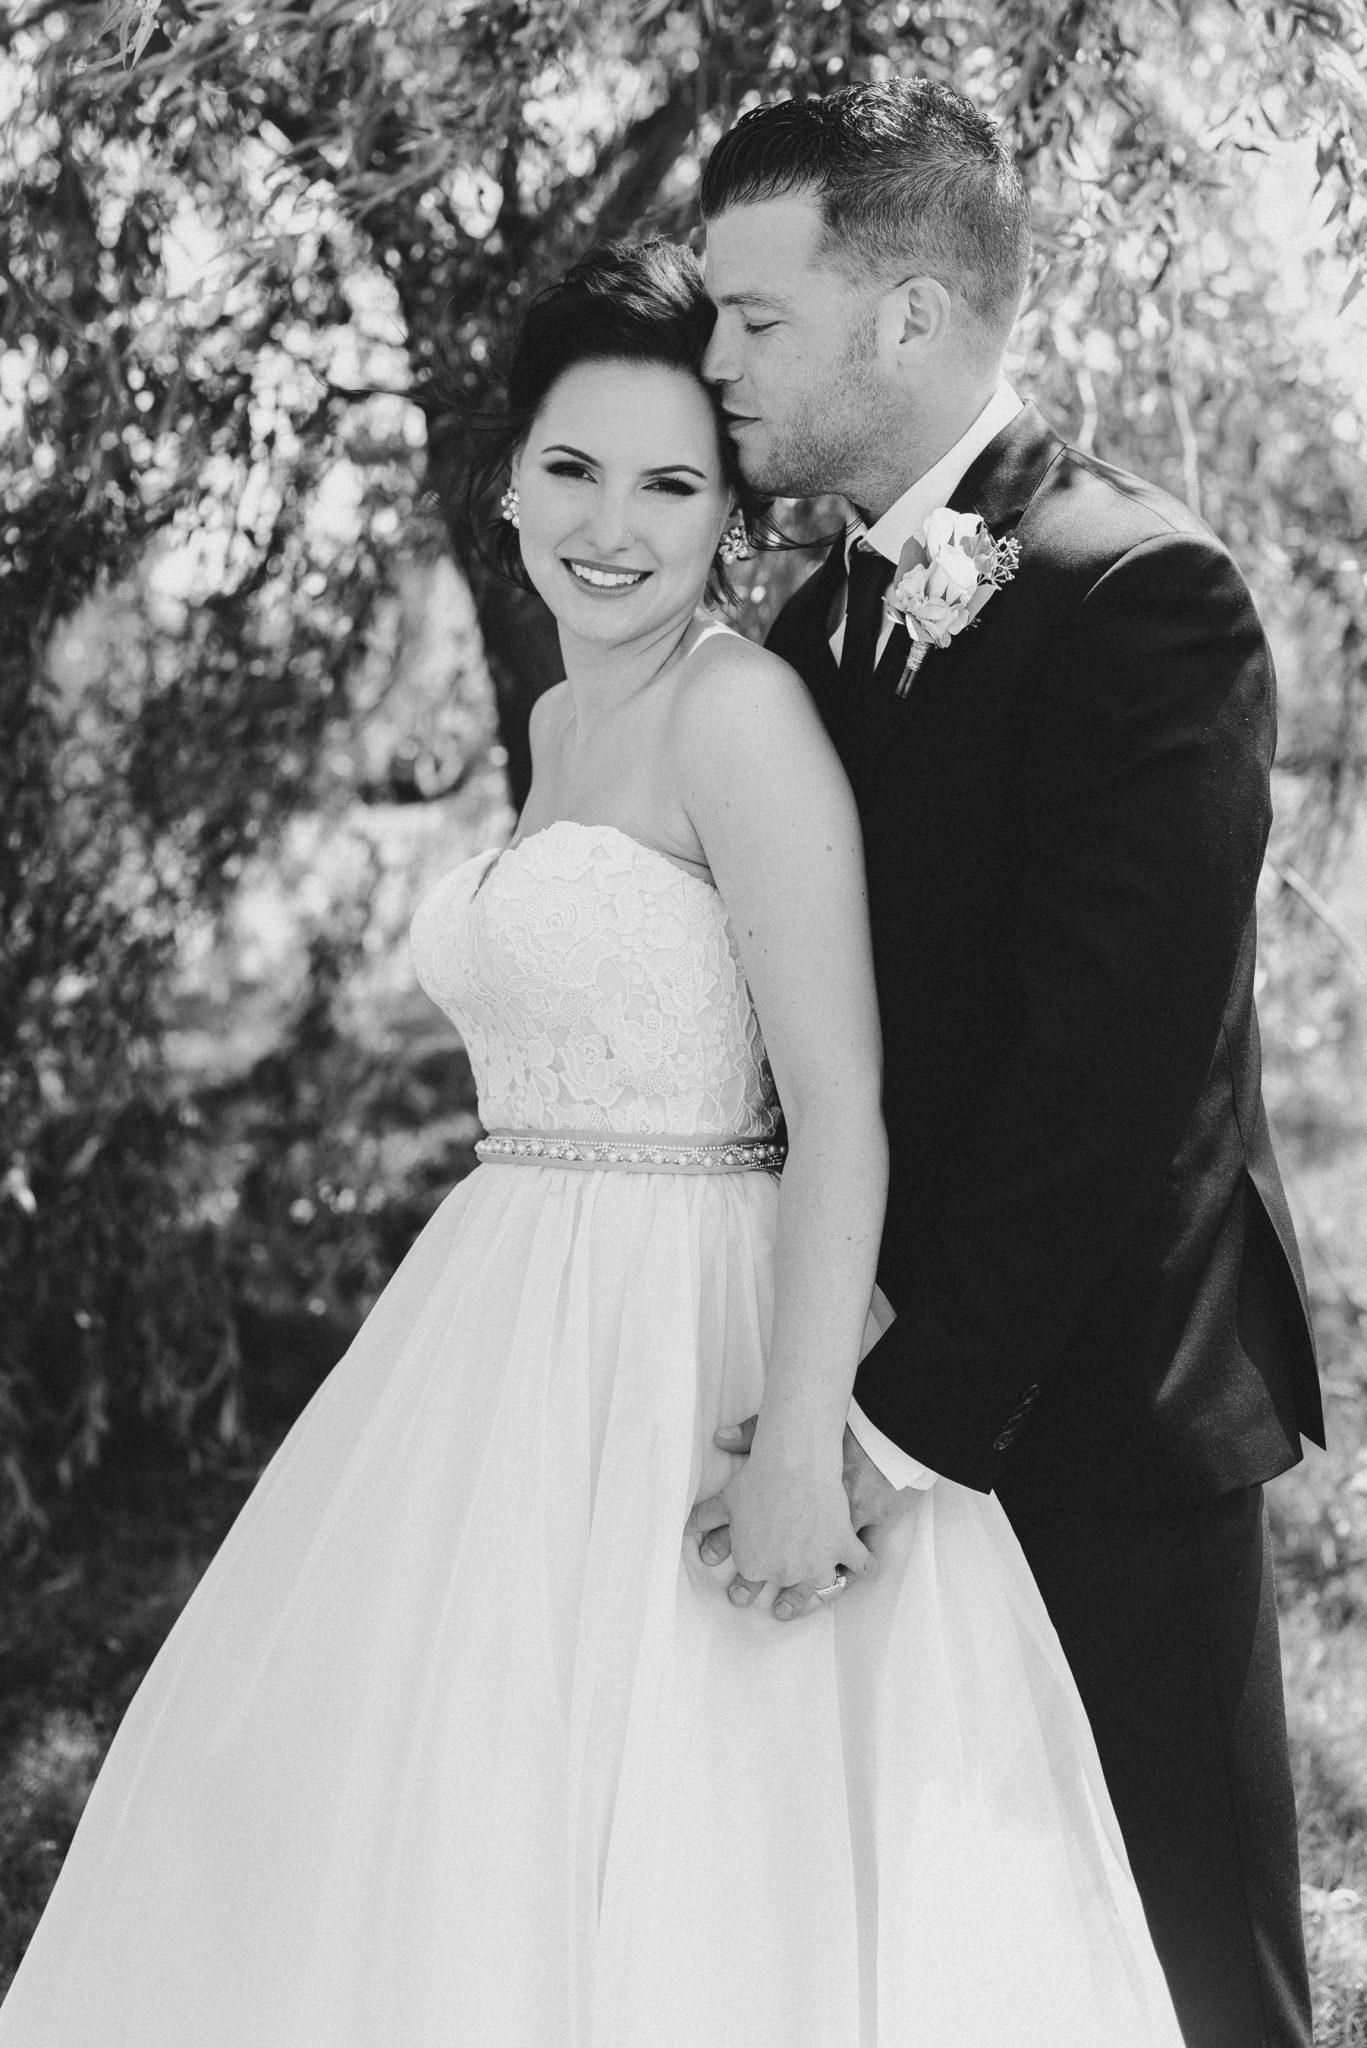 Bloomfield Gardens Wedding - black and white portrait under tree